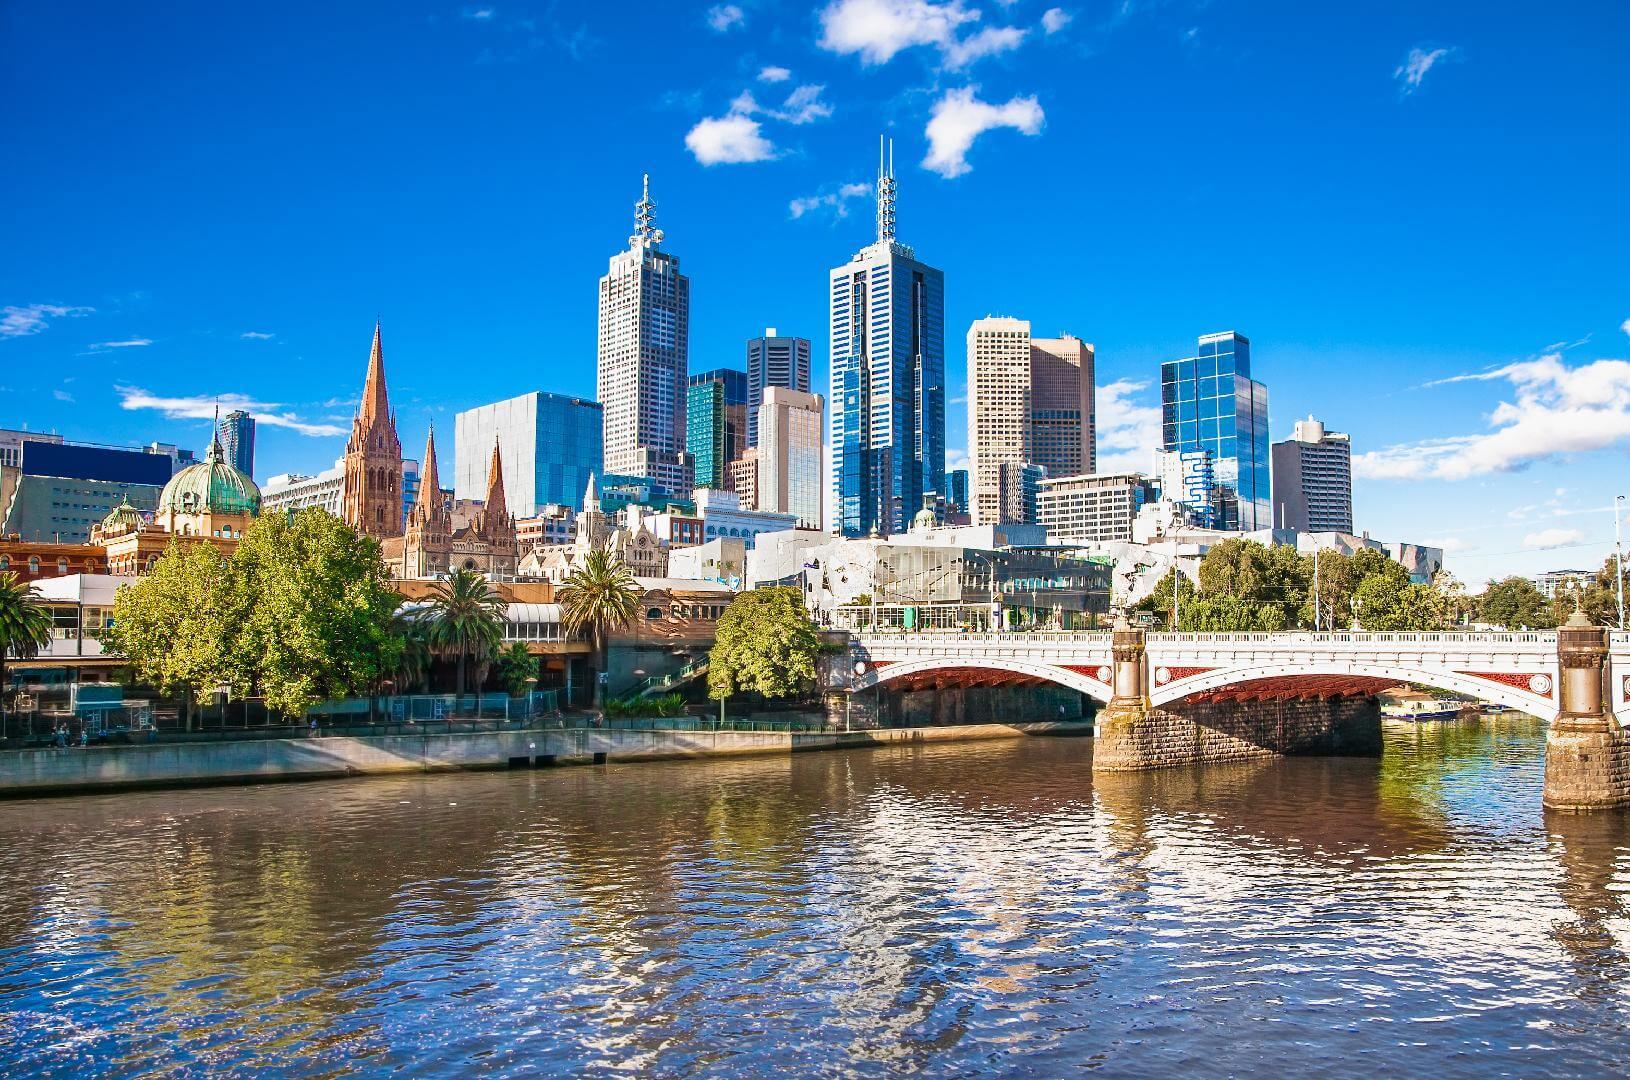 cisco certification in melbourne cisco certification in melbourne Cisco Certification in Melbourne cisco certification in melbourne